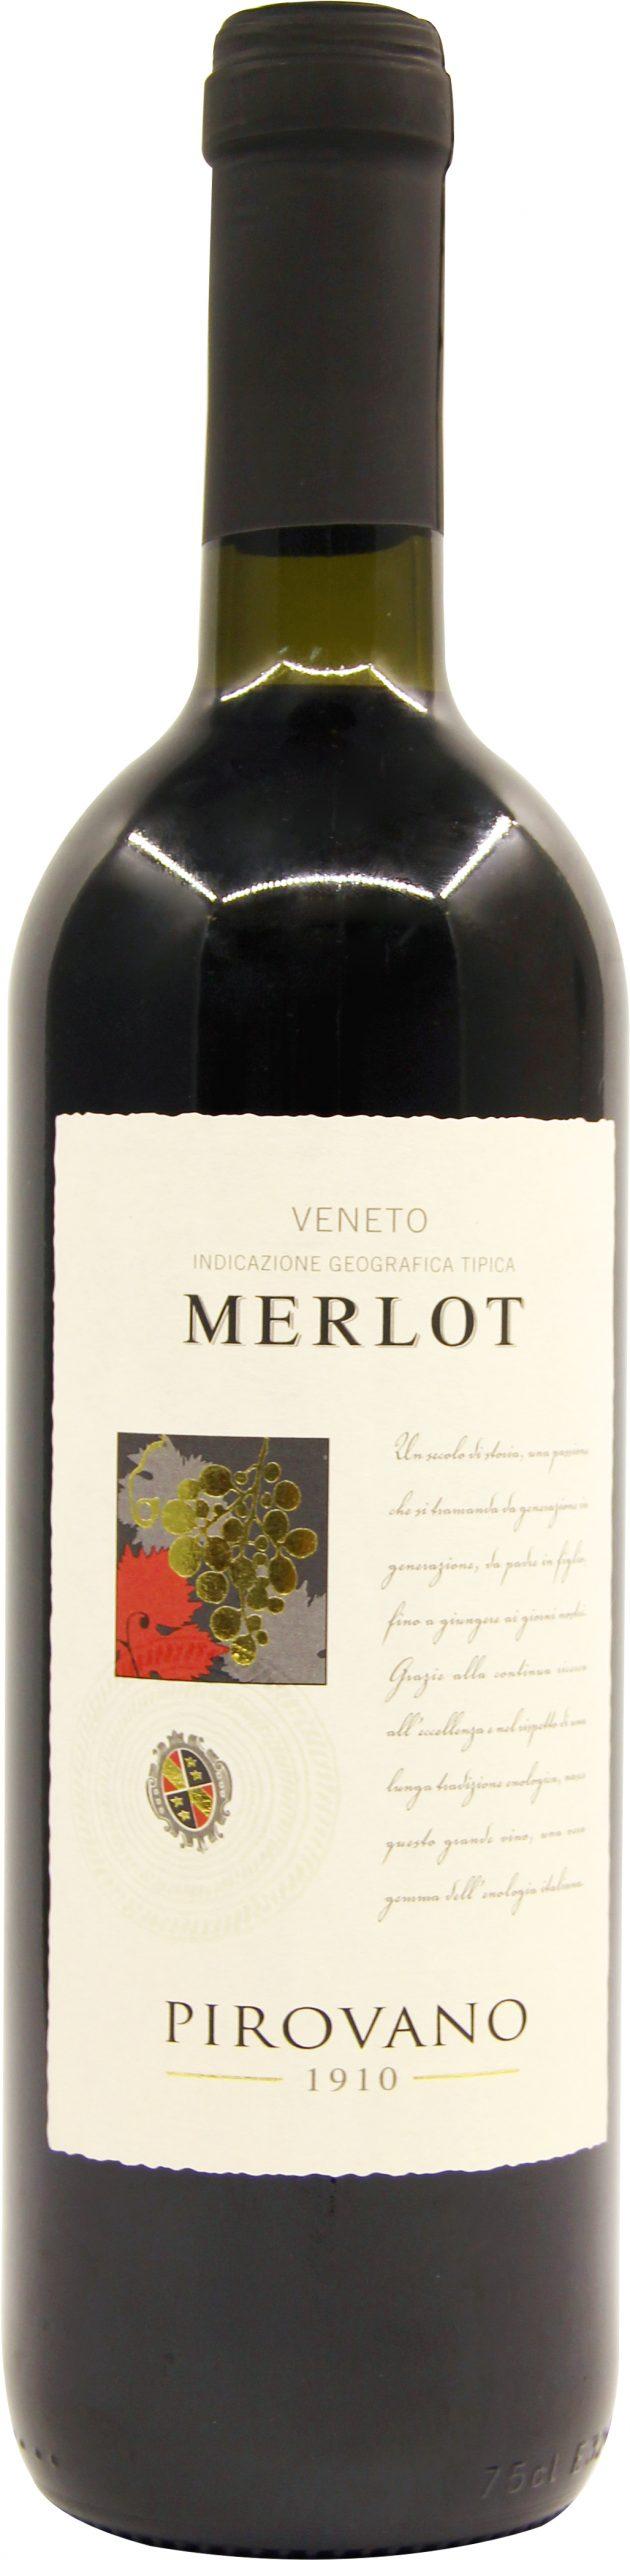 皮罗瓦诺干红葡萄酒